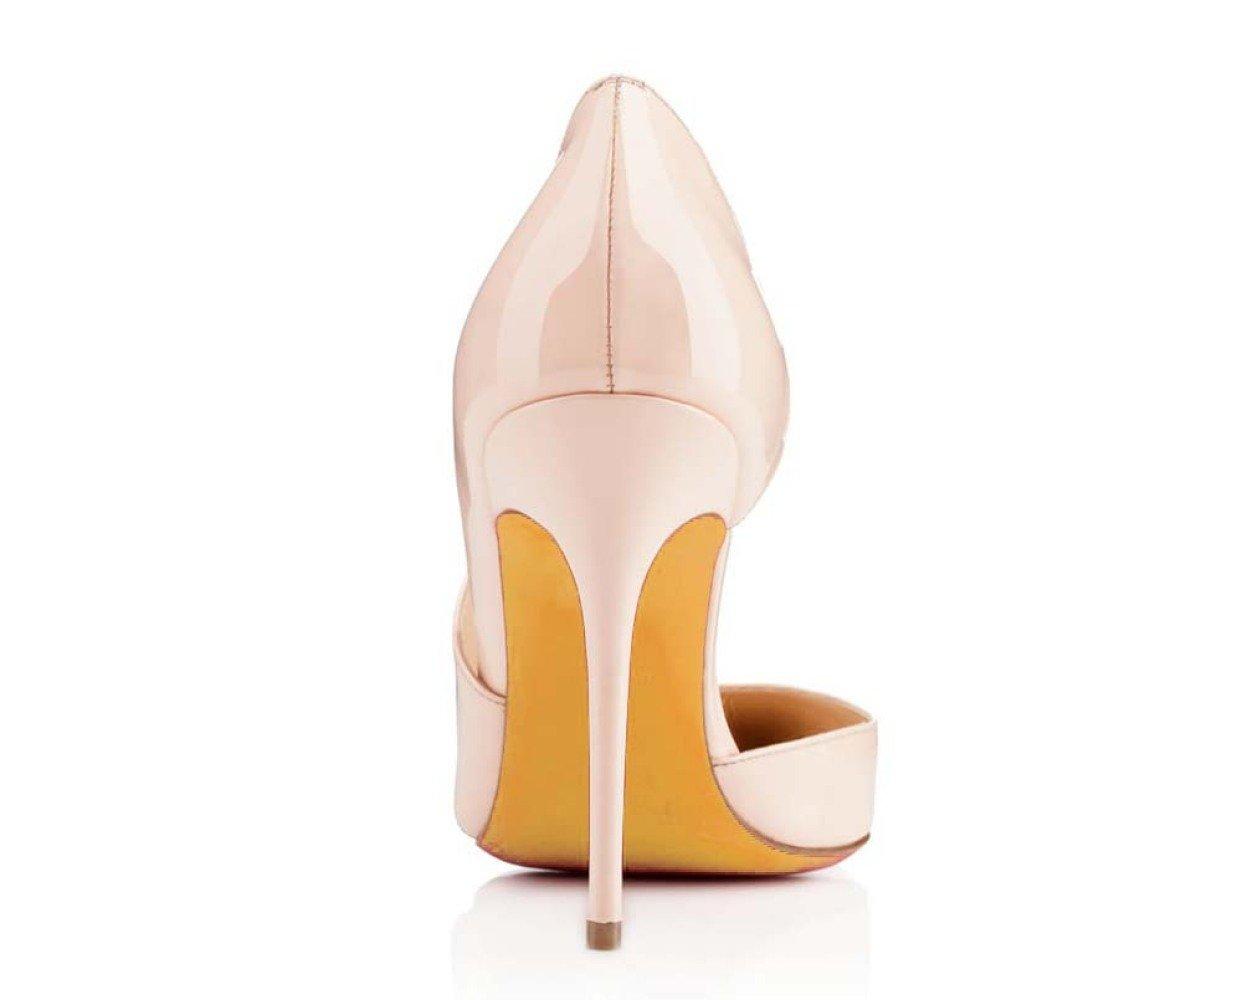 Koyi High Heels Schuhe Frau Sommer Sexy Stiletto Sandalen Einfache Lackleder Sandalen Stiletto Pumpe 10 cm  Pink 78ee50